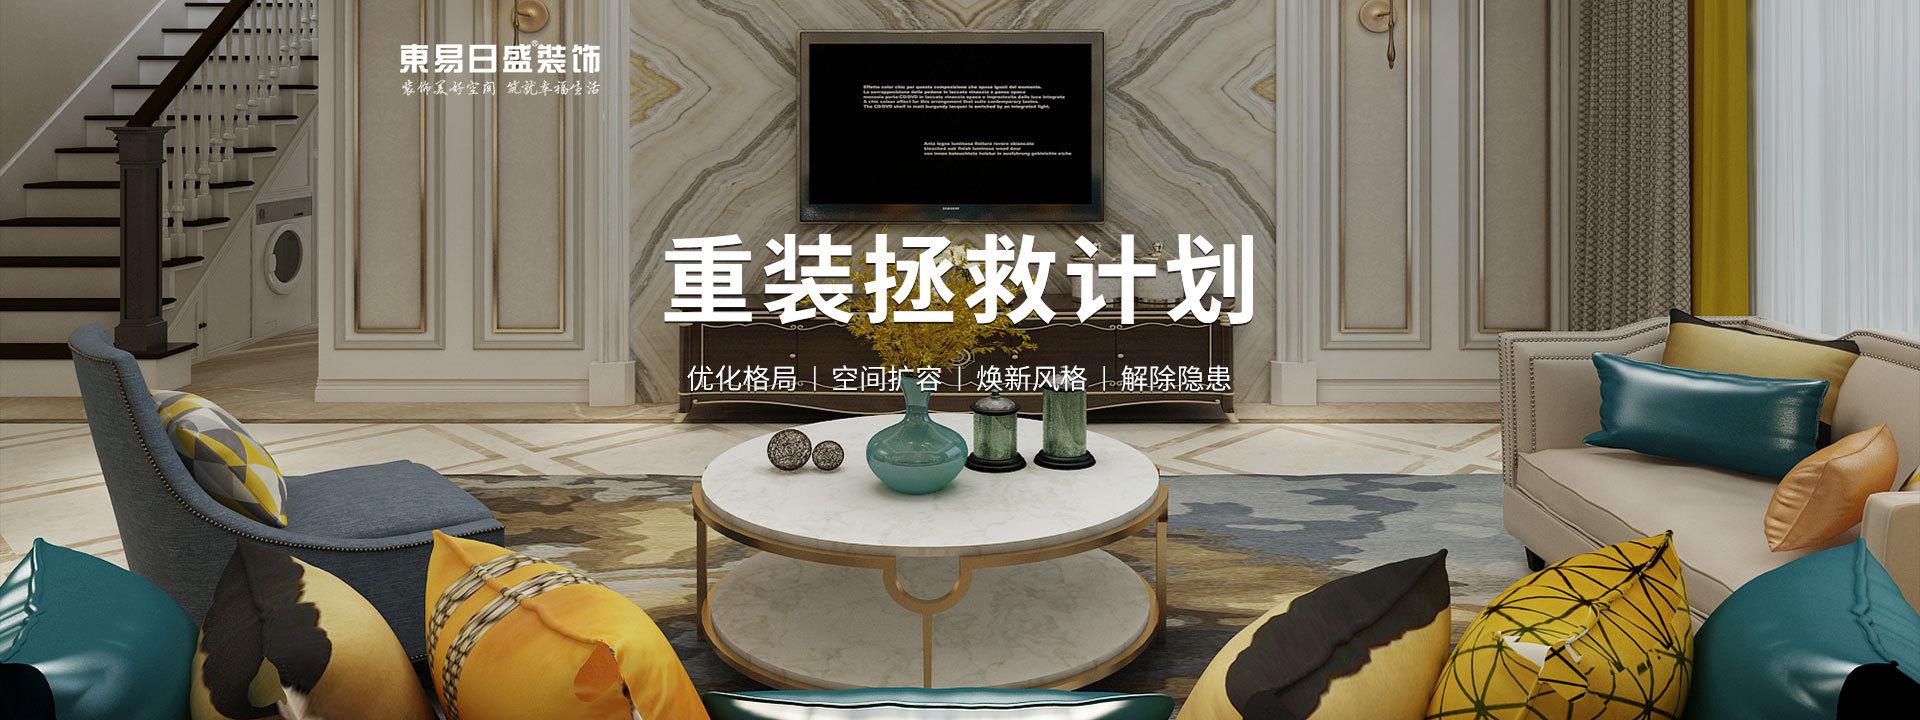 武汉老房翻新装修效果对比图